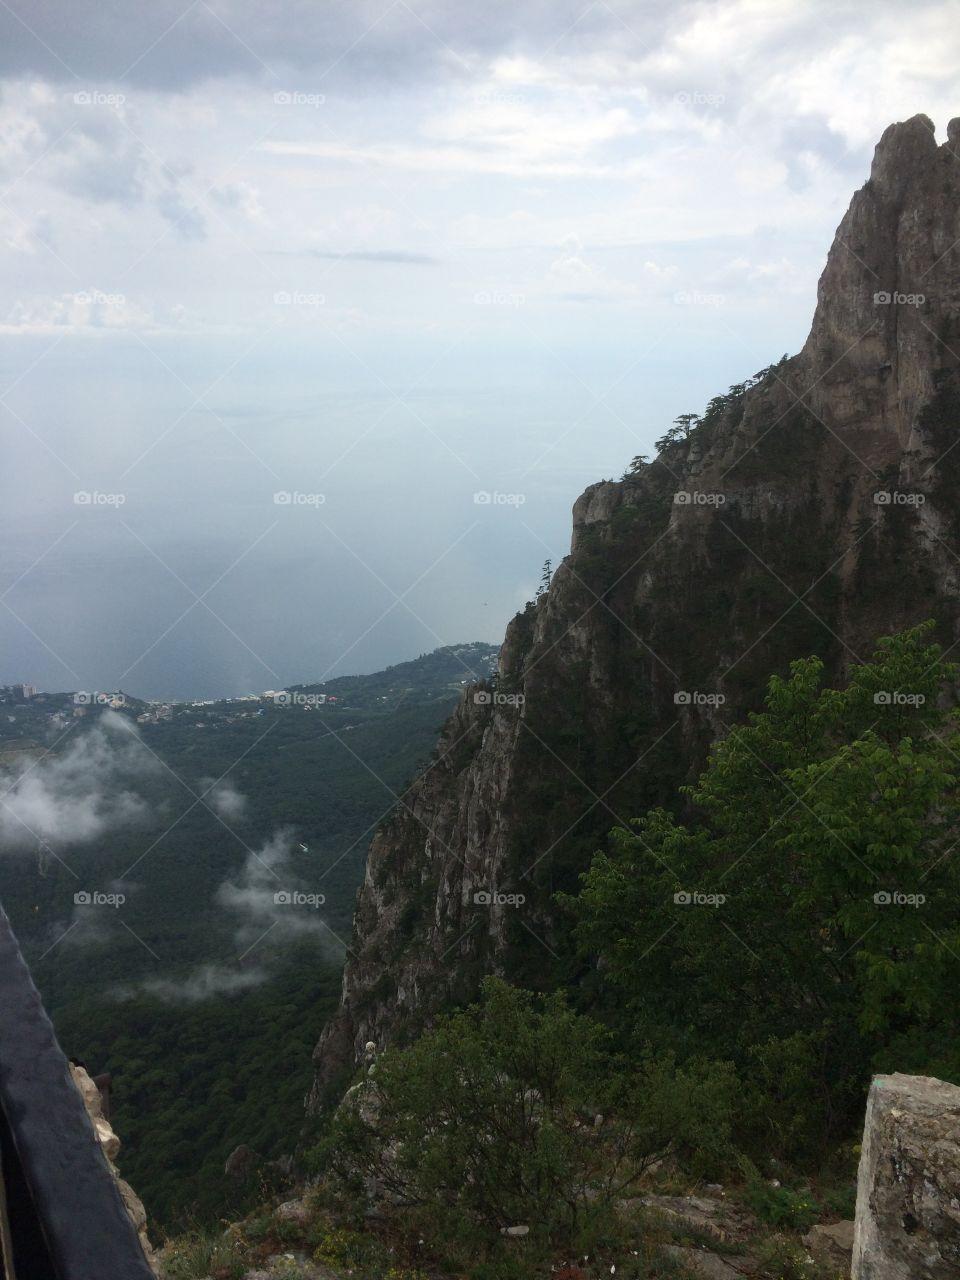 Crimea, Ai-Petry mountain, summer 2018